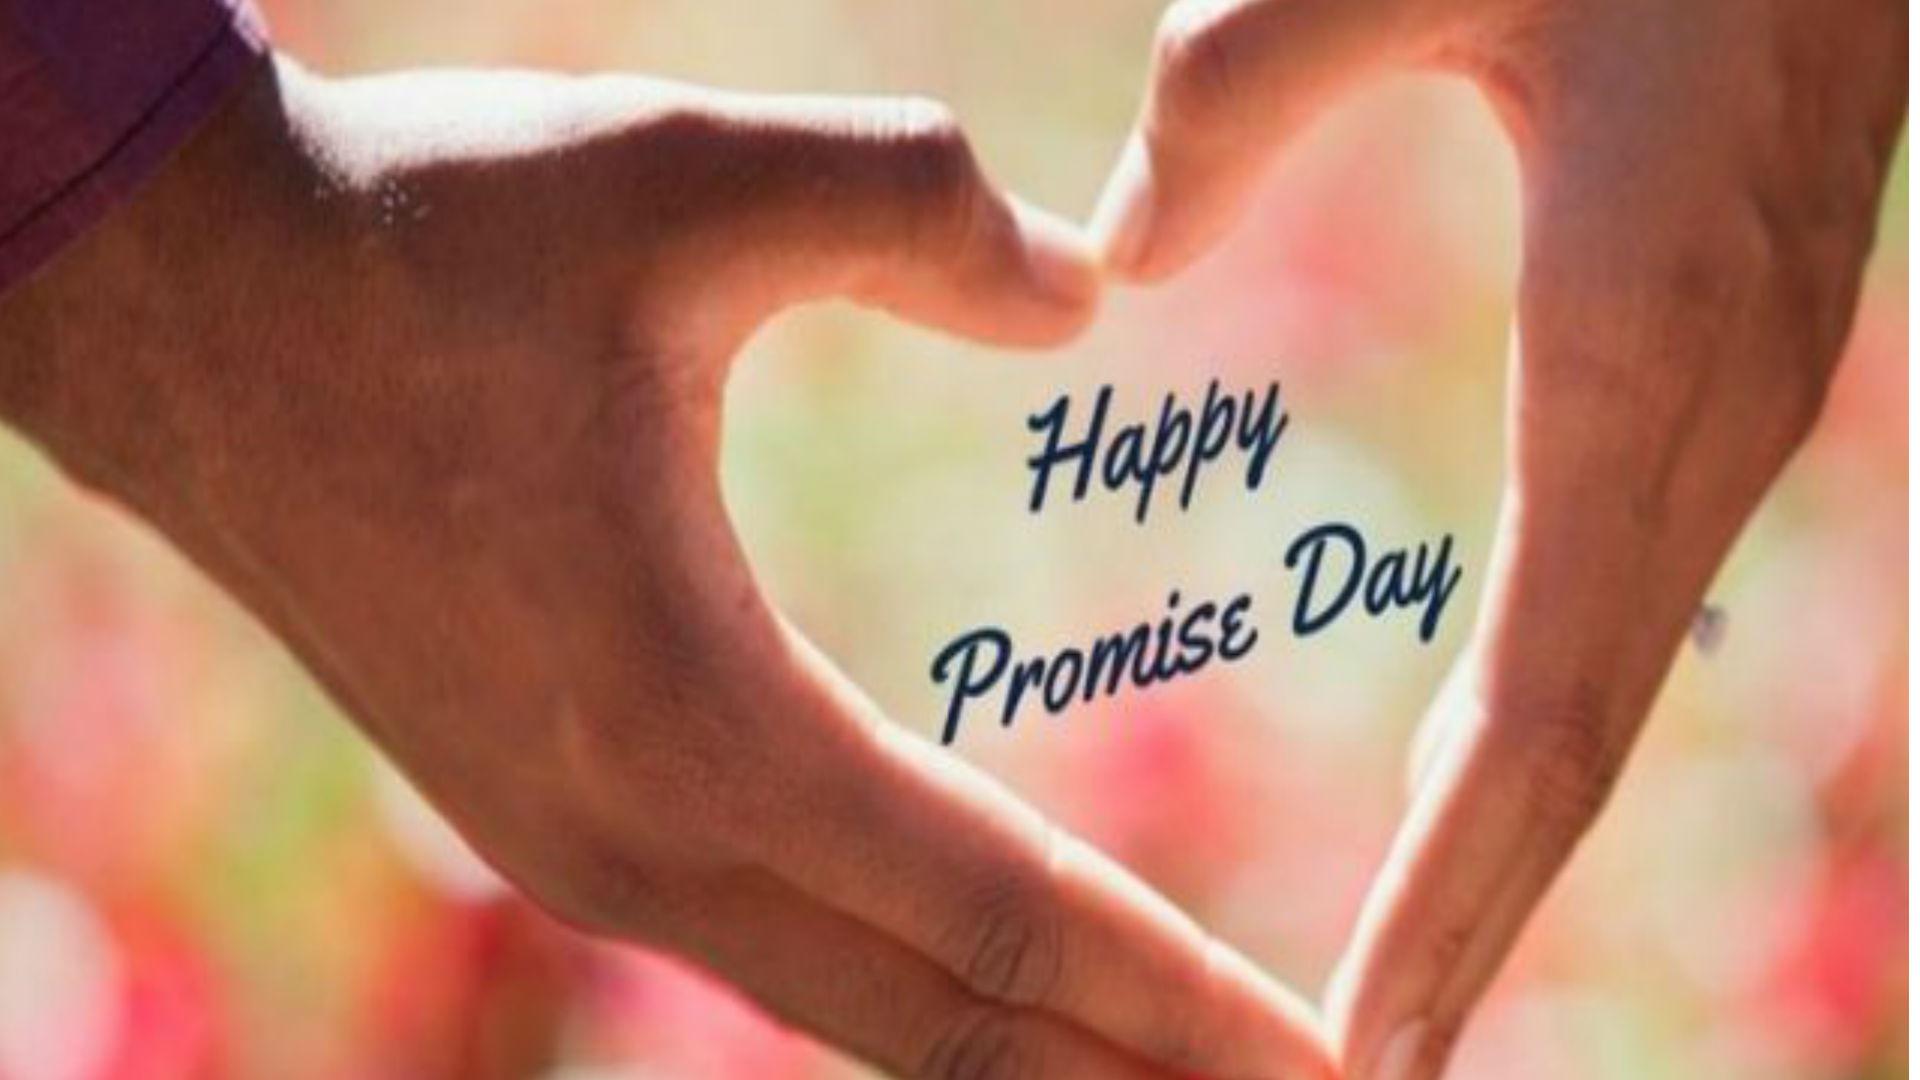 Happy Promise Day 2020: अपने लव पार्टनर के साथ इन 5 वादों की कसमे खाकर बनाए अपने रिश्ते को अधिक मजबूत